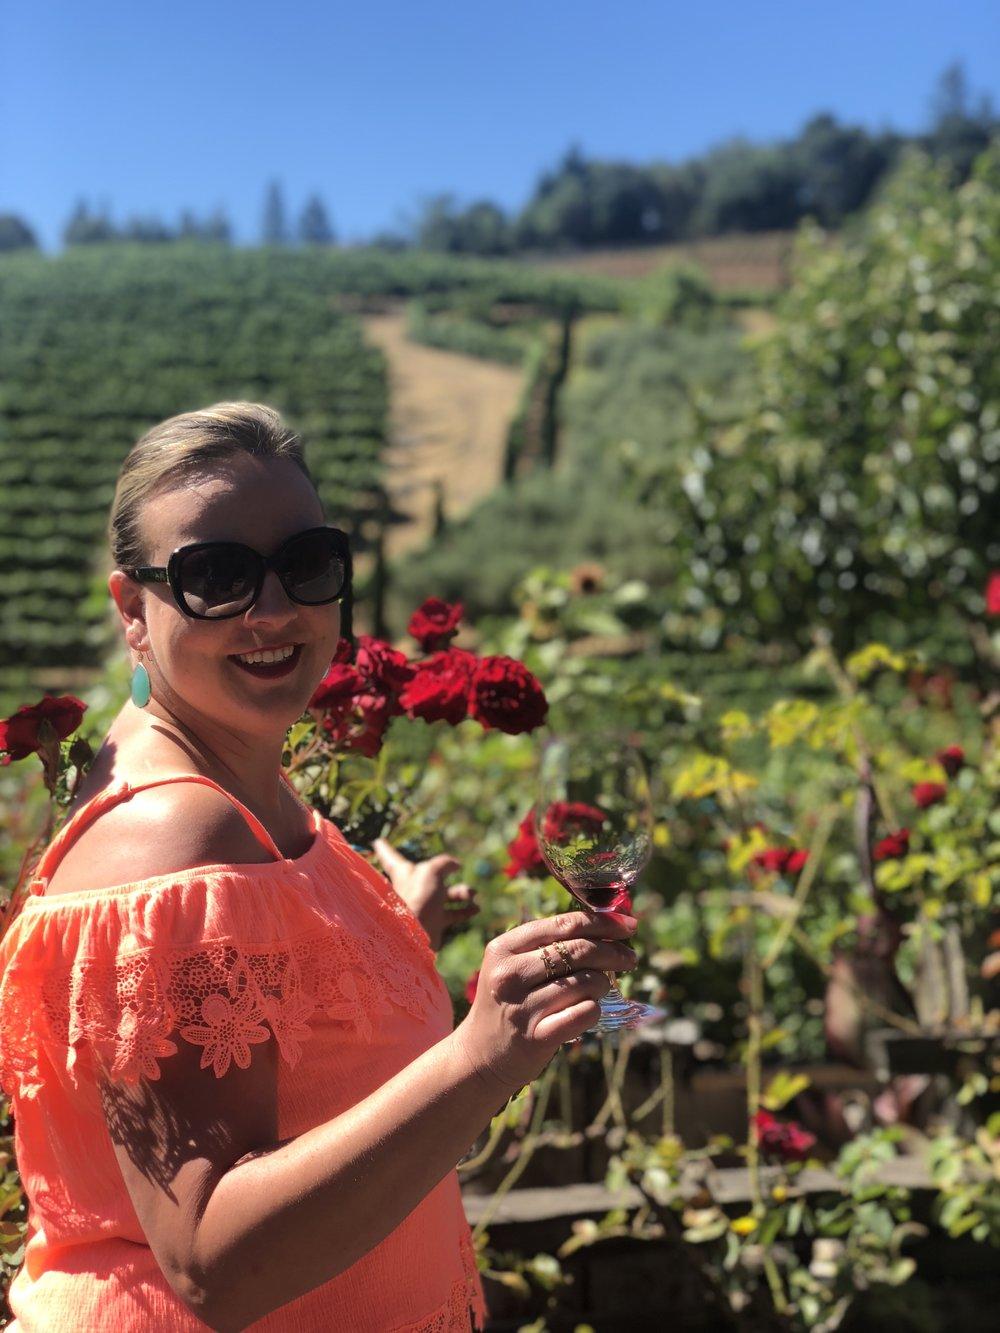 Wine Tasting At Rafanelli Winery